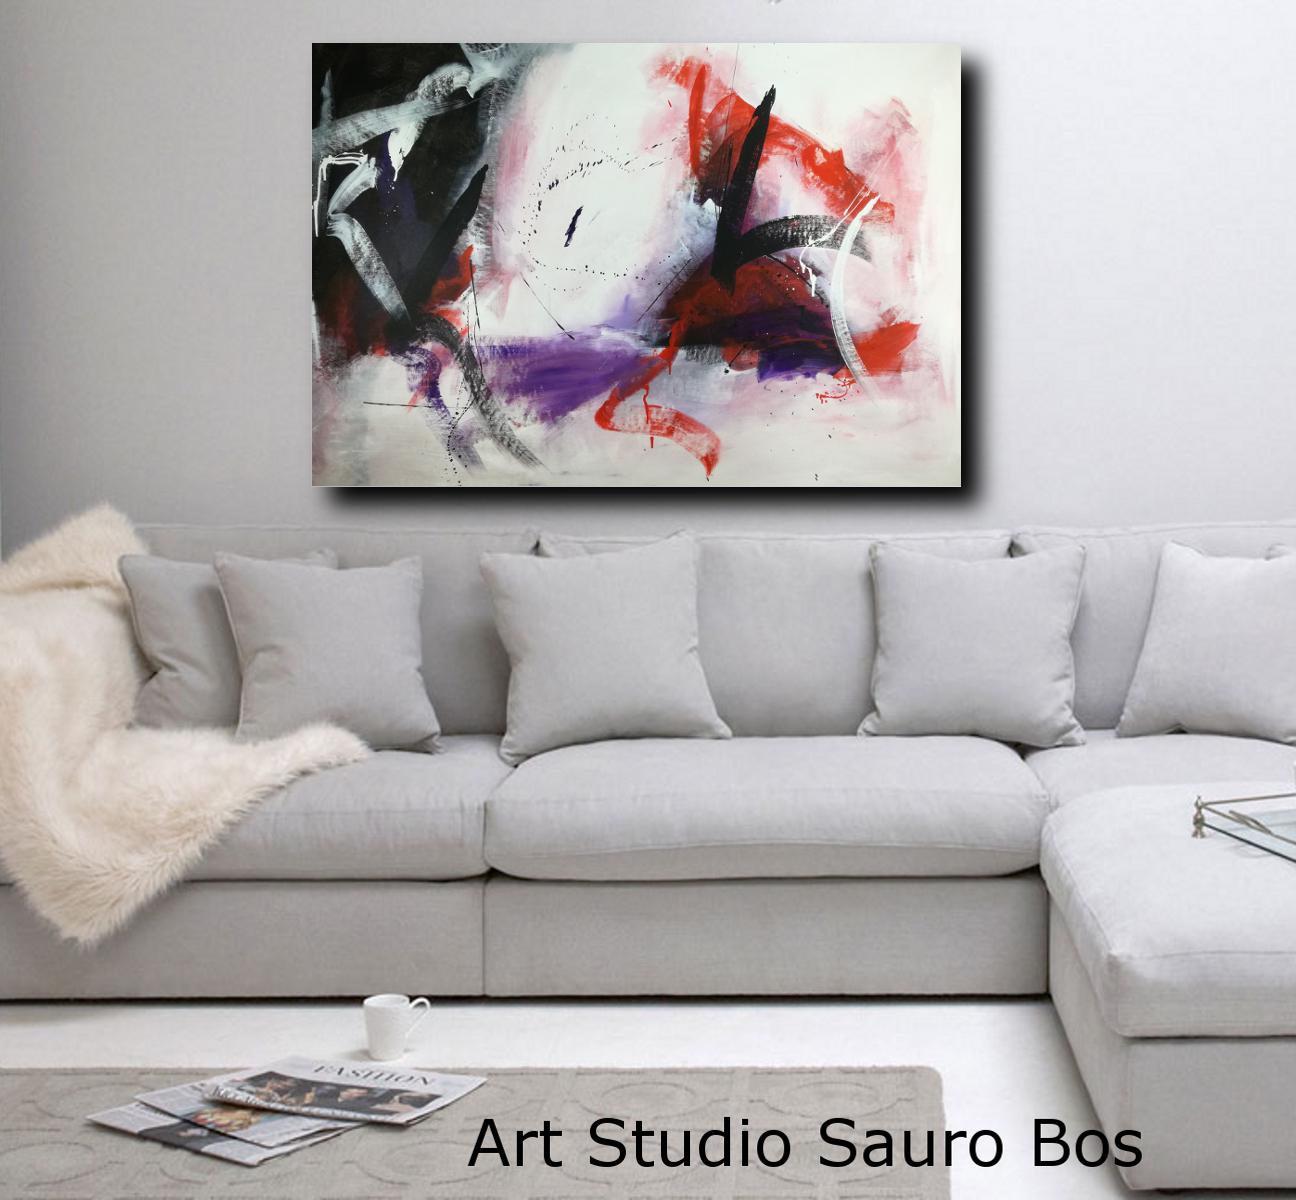 quadri astratti per arredamento moderno 120x80 | sauro bos